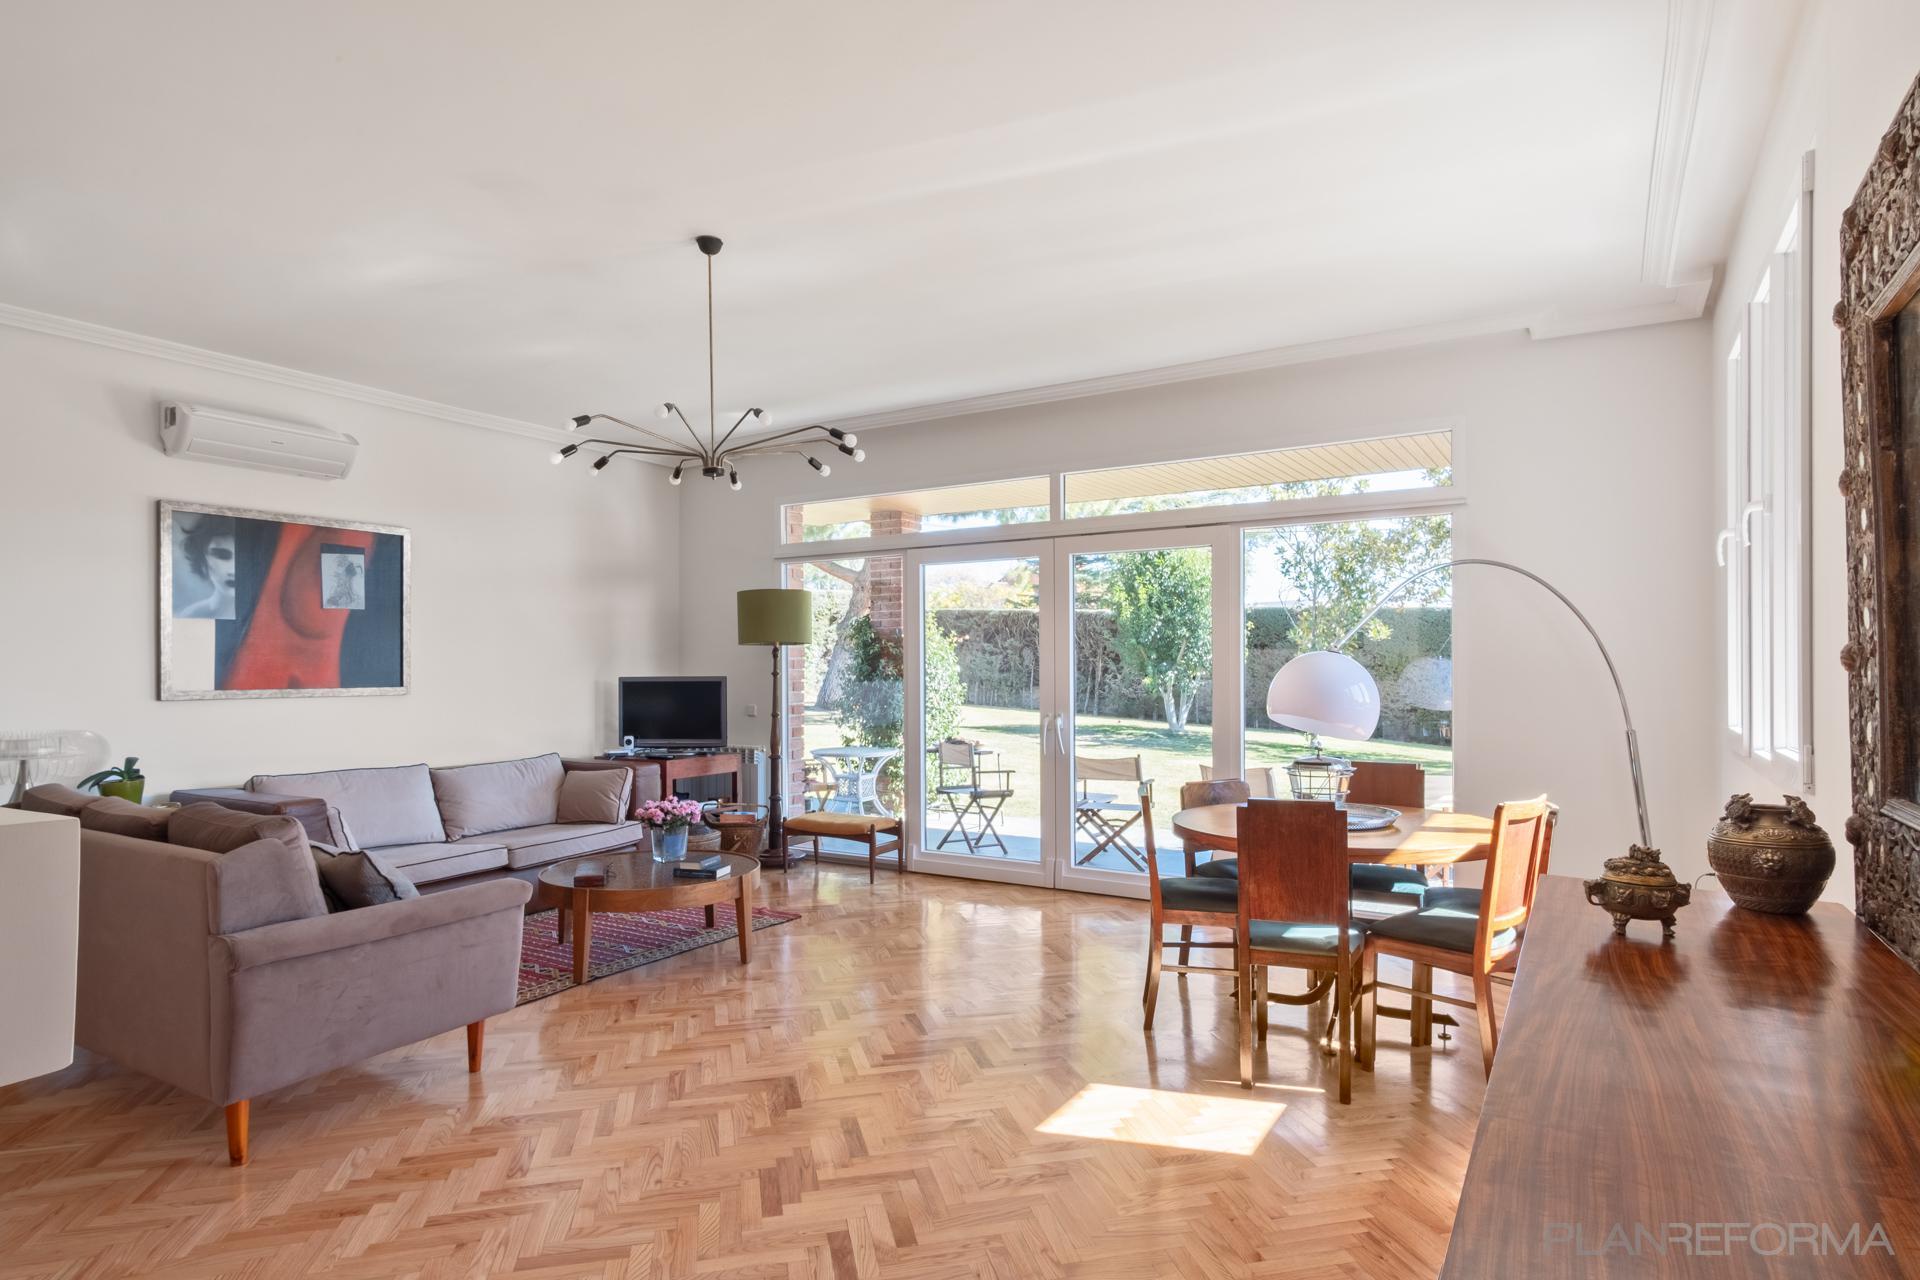 Salon Estilo vintage Color marron, marron, blanco  diseñado por Arquigestiona | Arquitecto Técnico | Copyright Arquigestiona